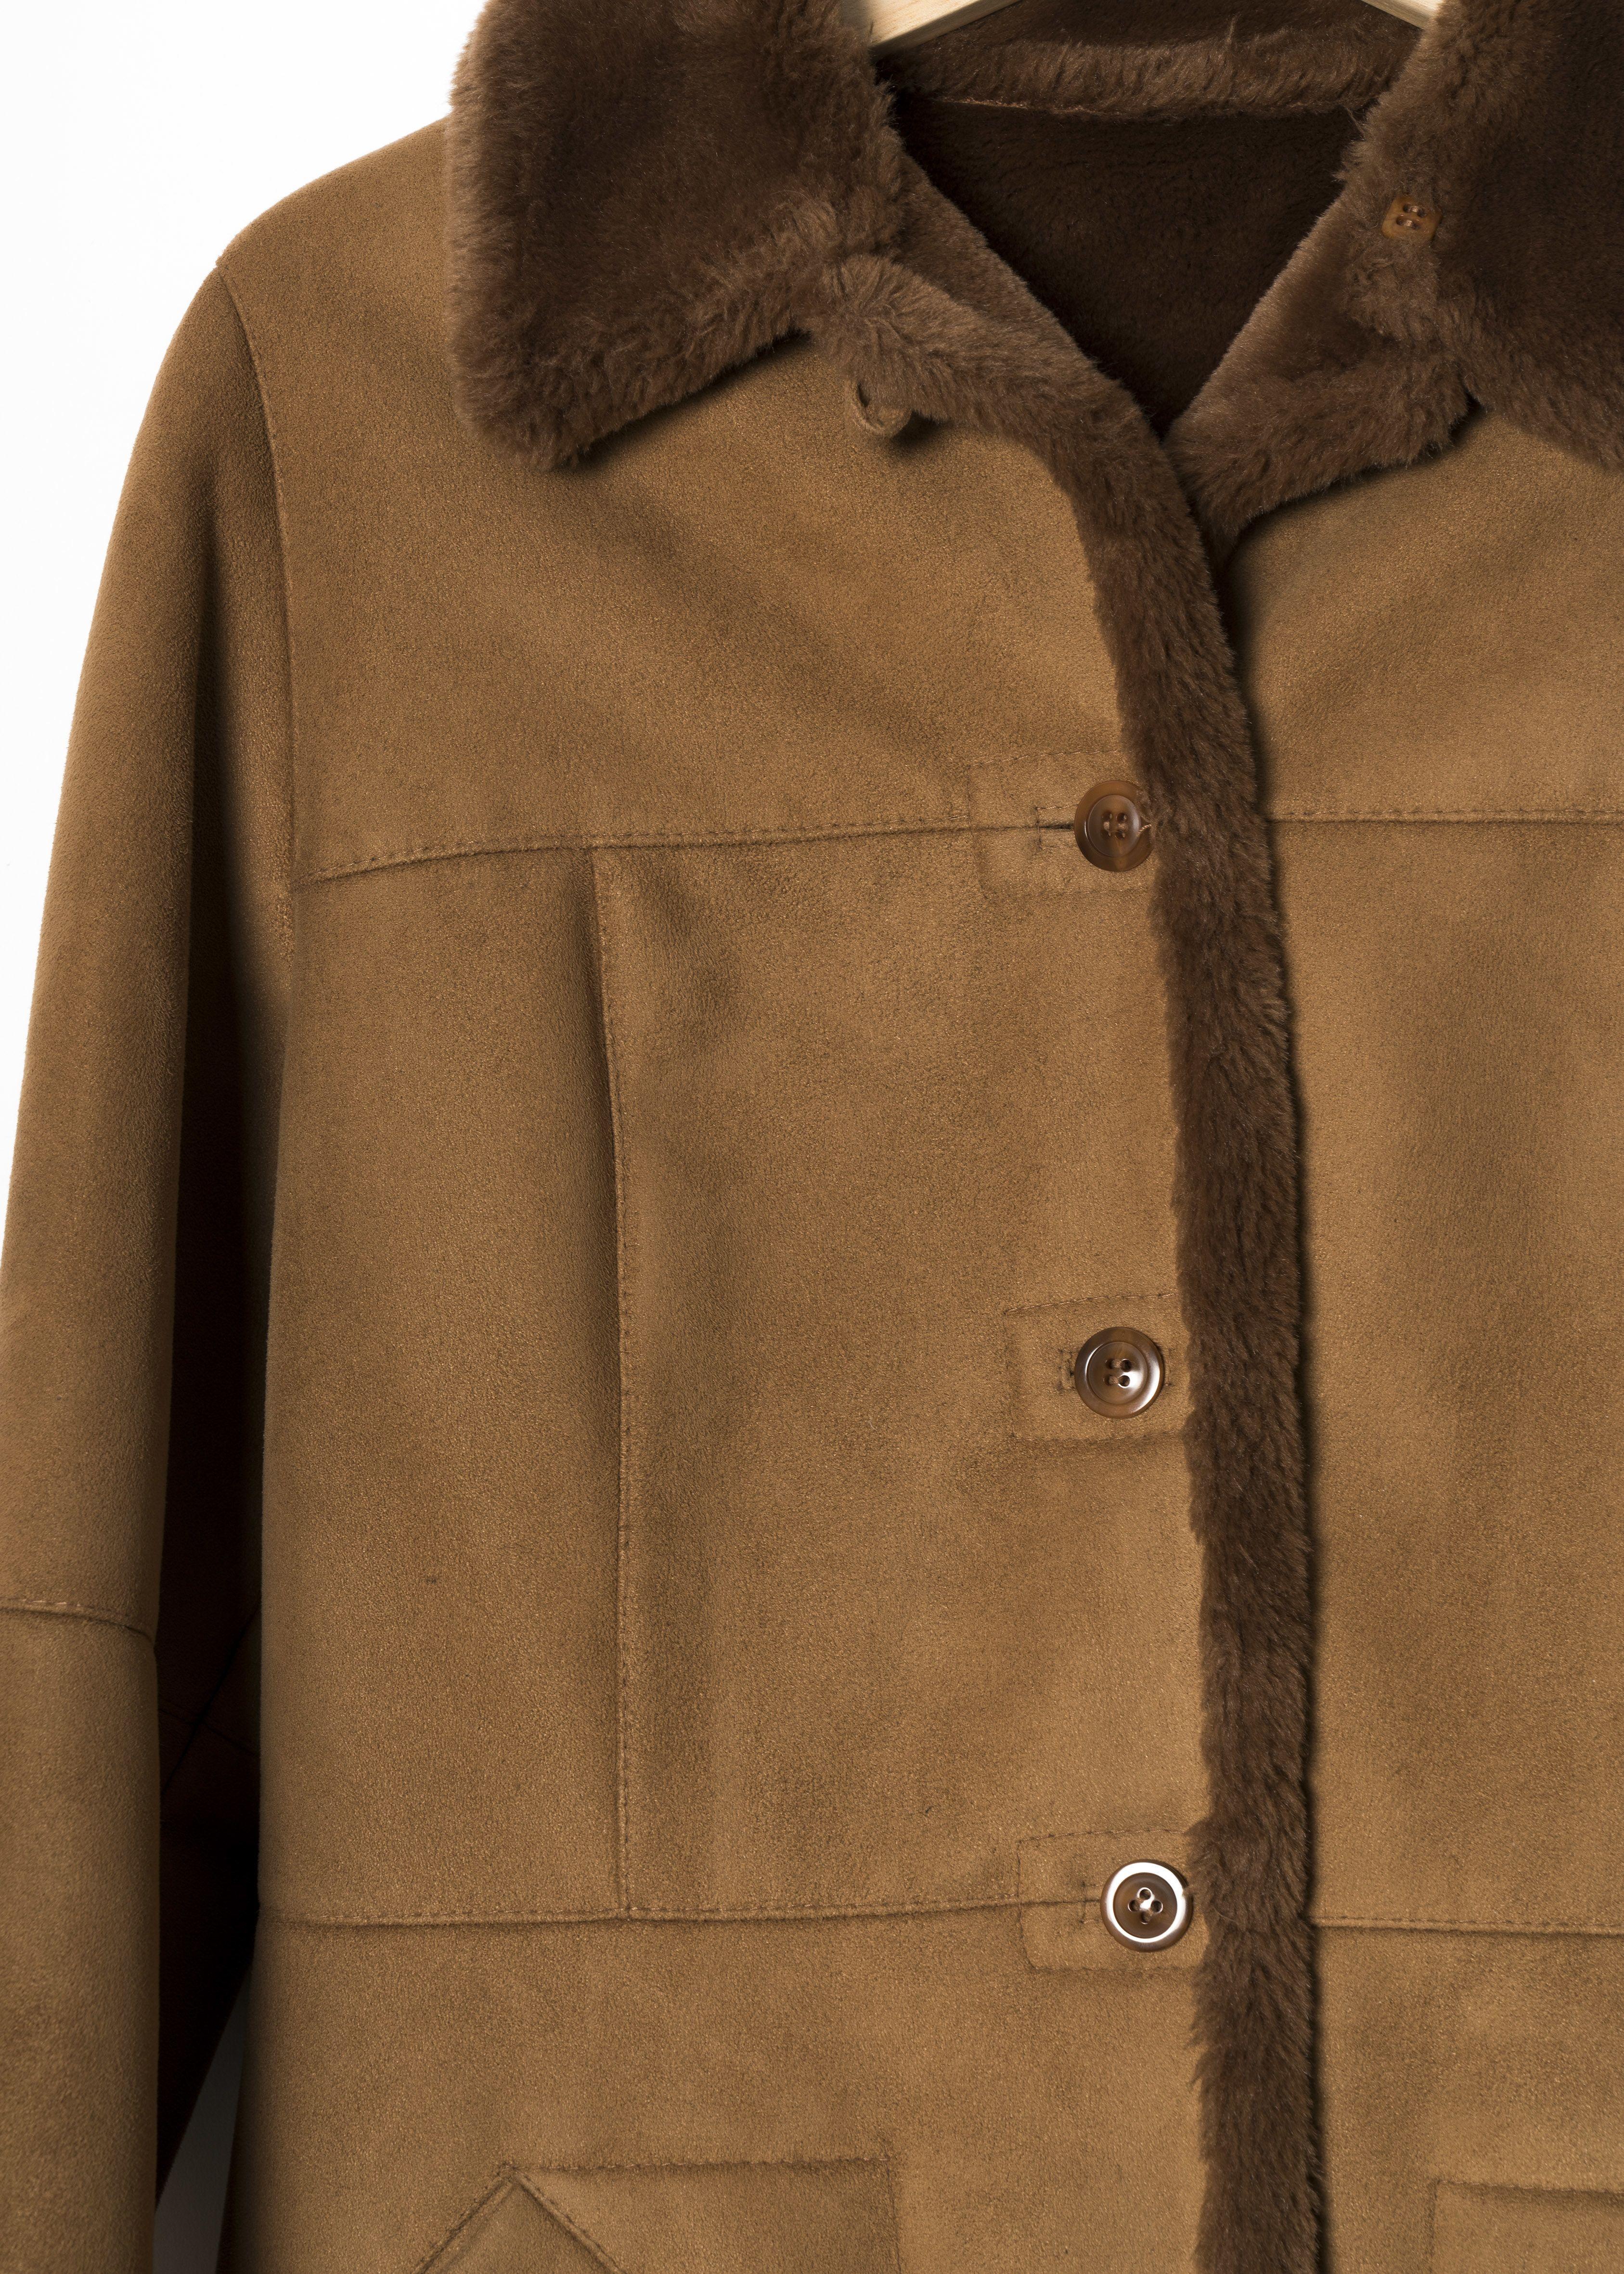 Manteaux - Manteau imitation peau lainée